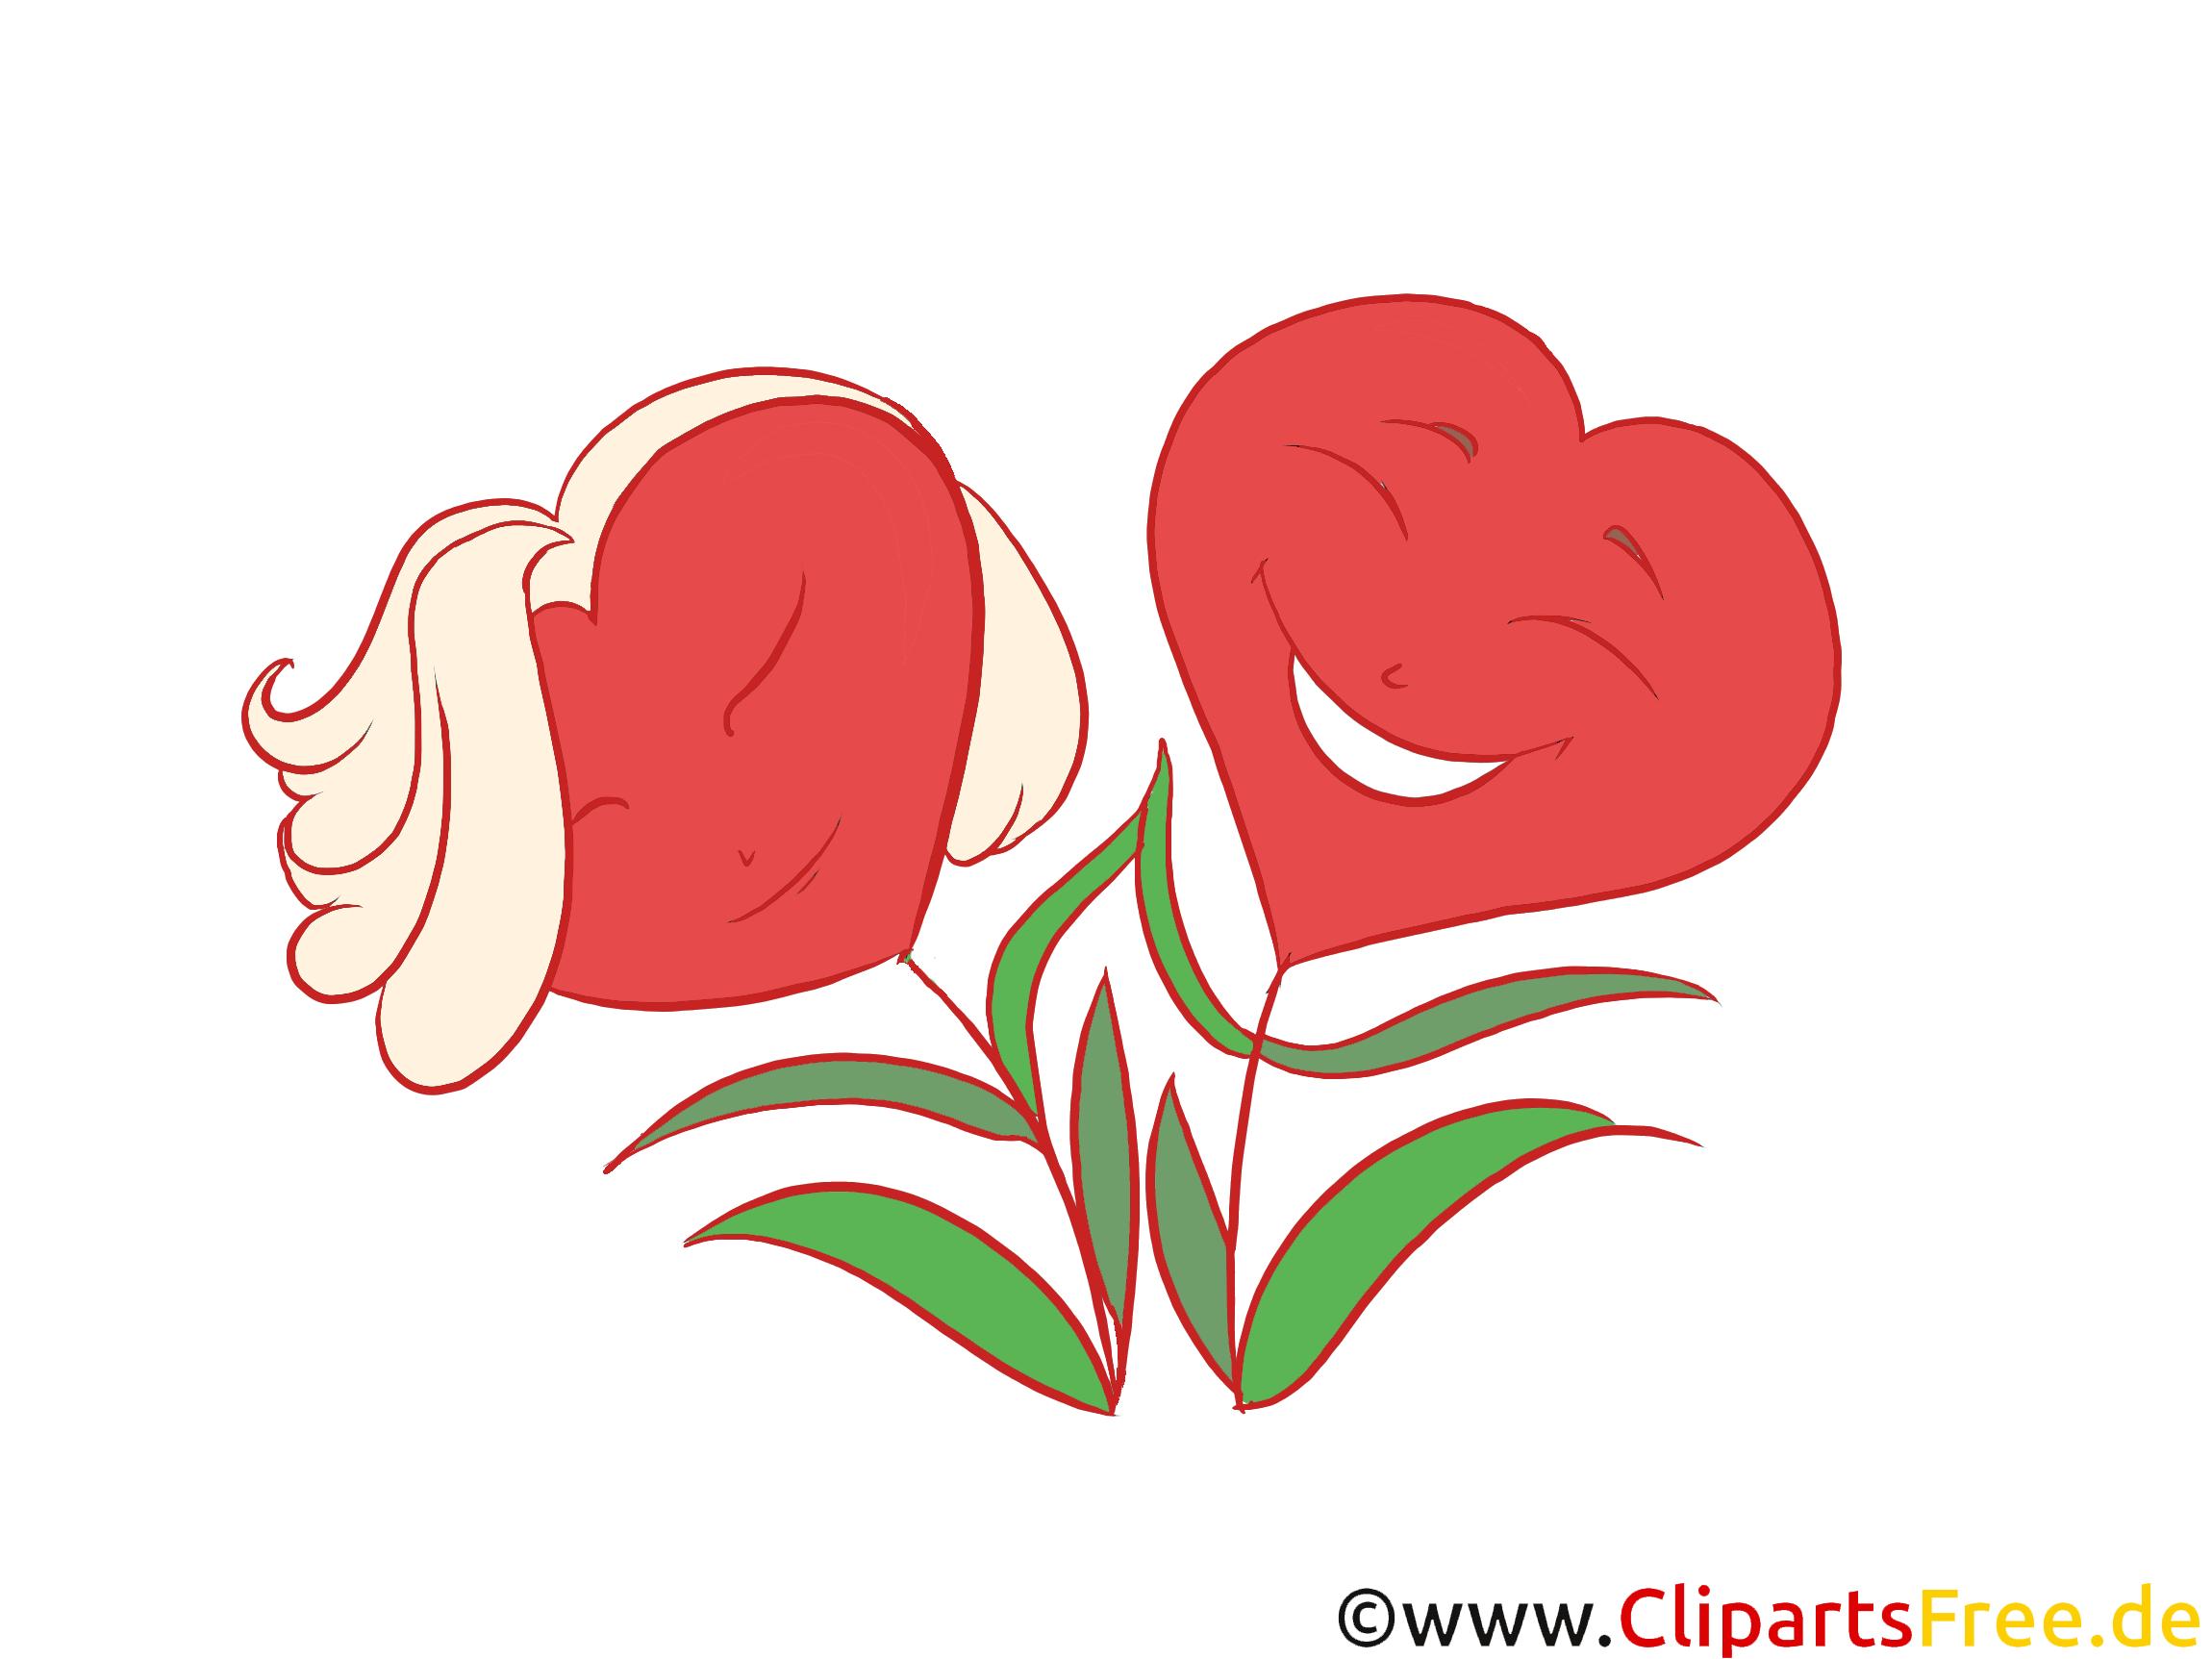 Zwei Herzen als Blumen stilisiert Bild, Grafik, Clipart